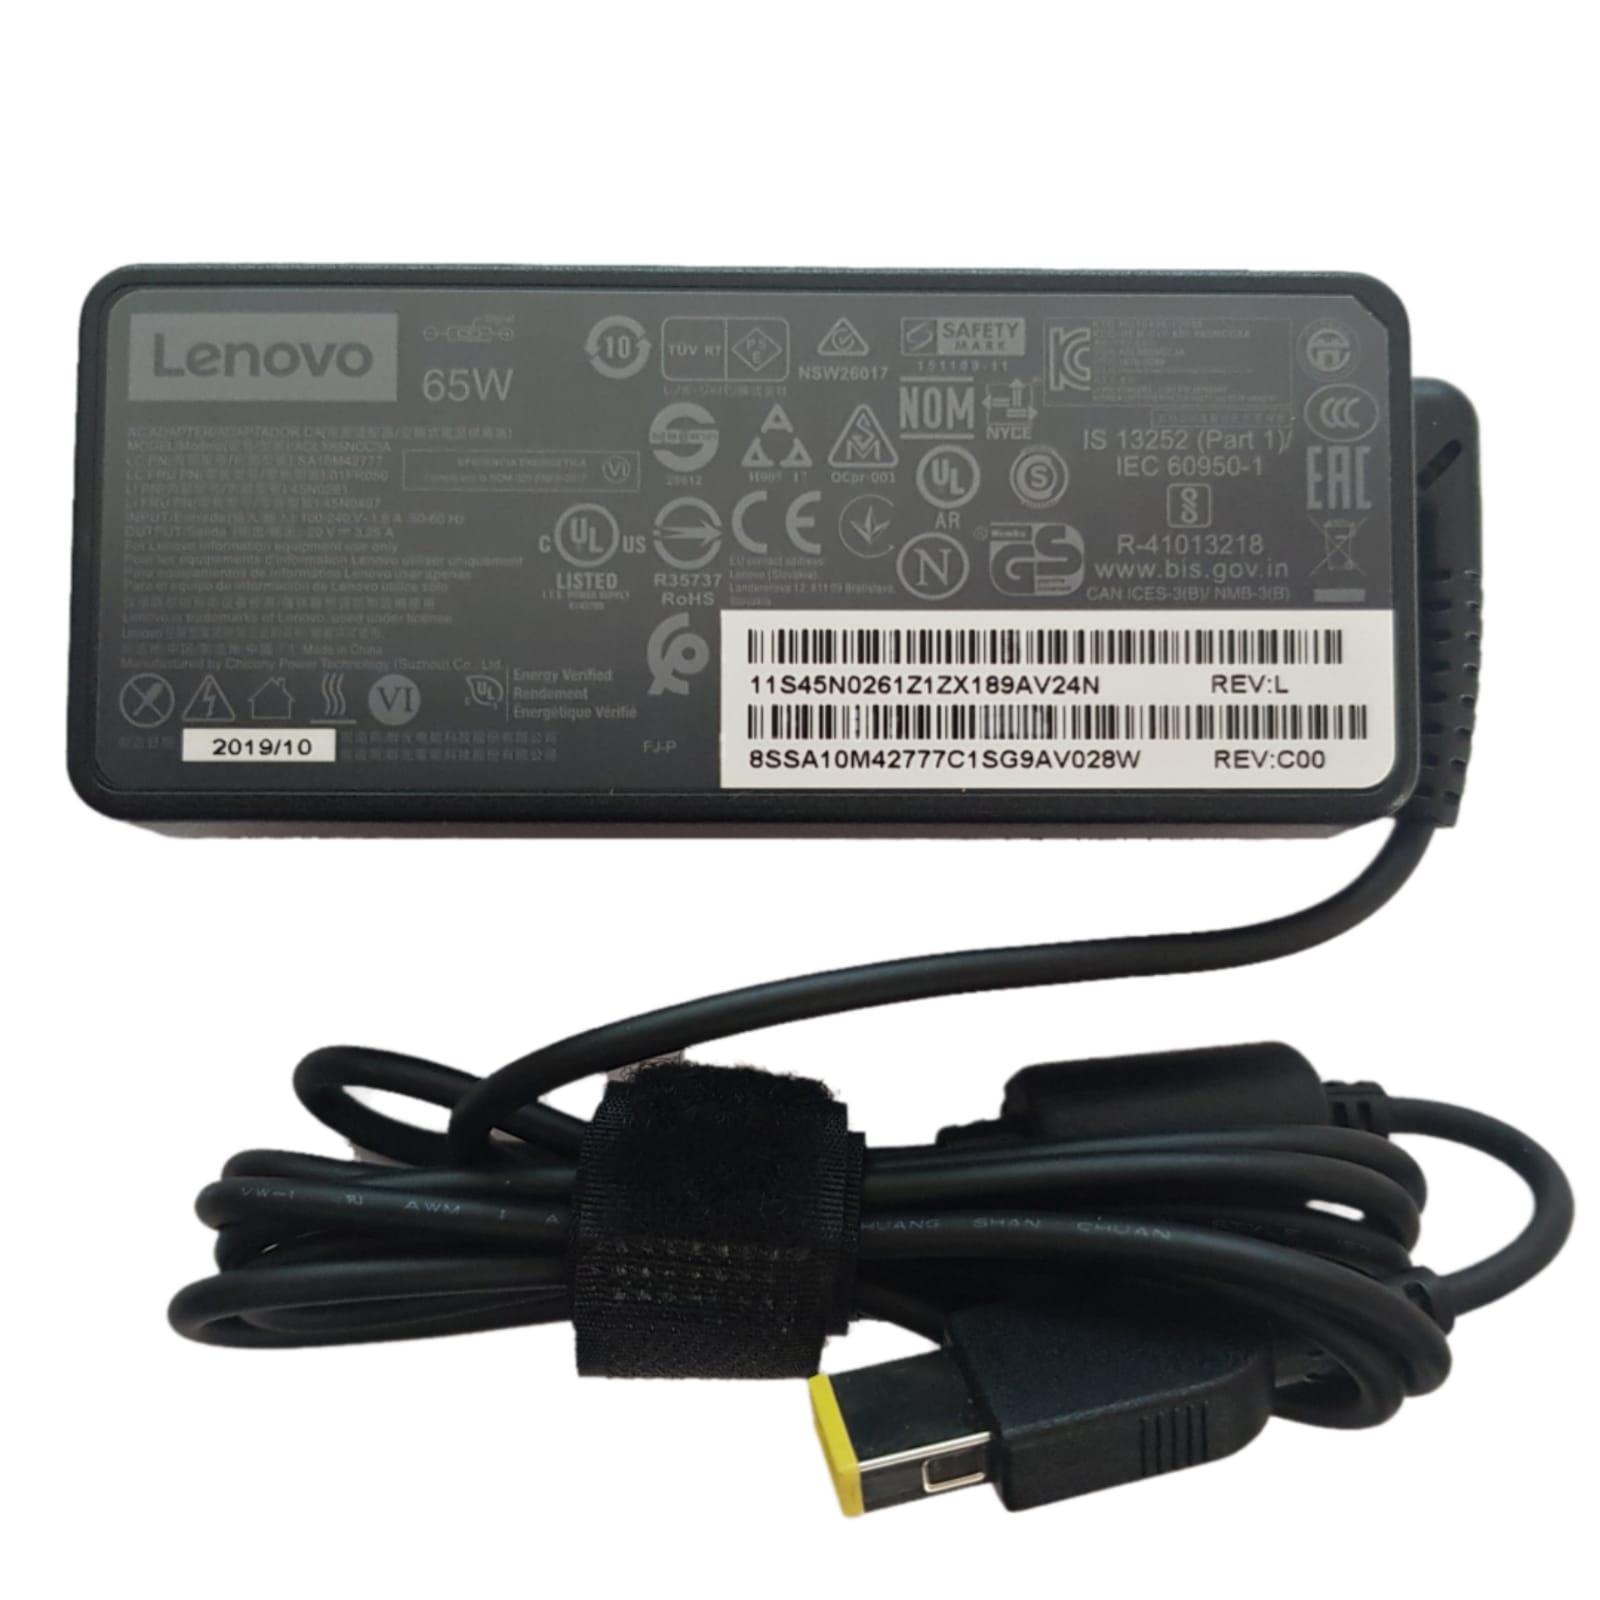 מטען למחשב לנובו Lenovo ThinkPad X260